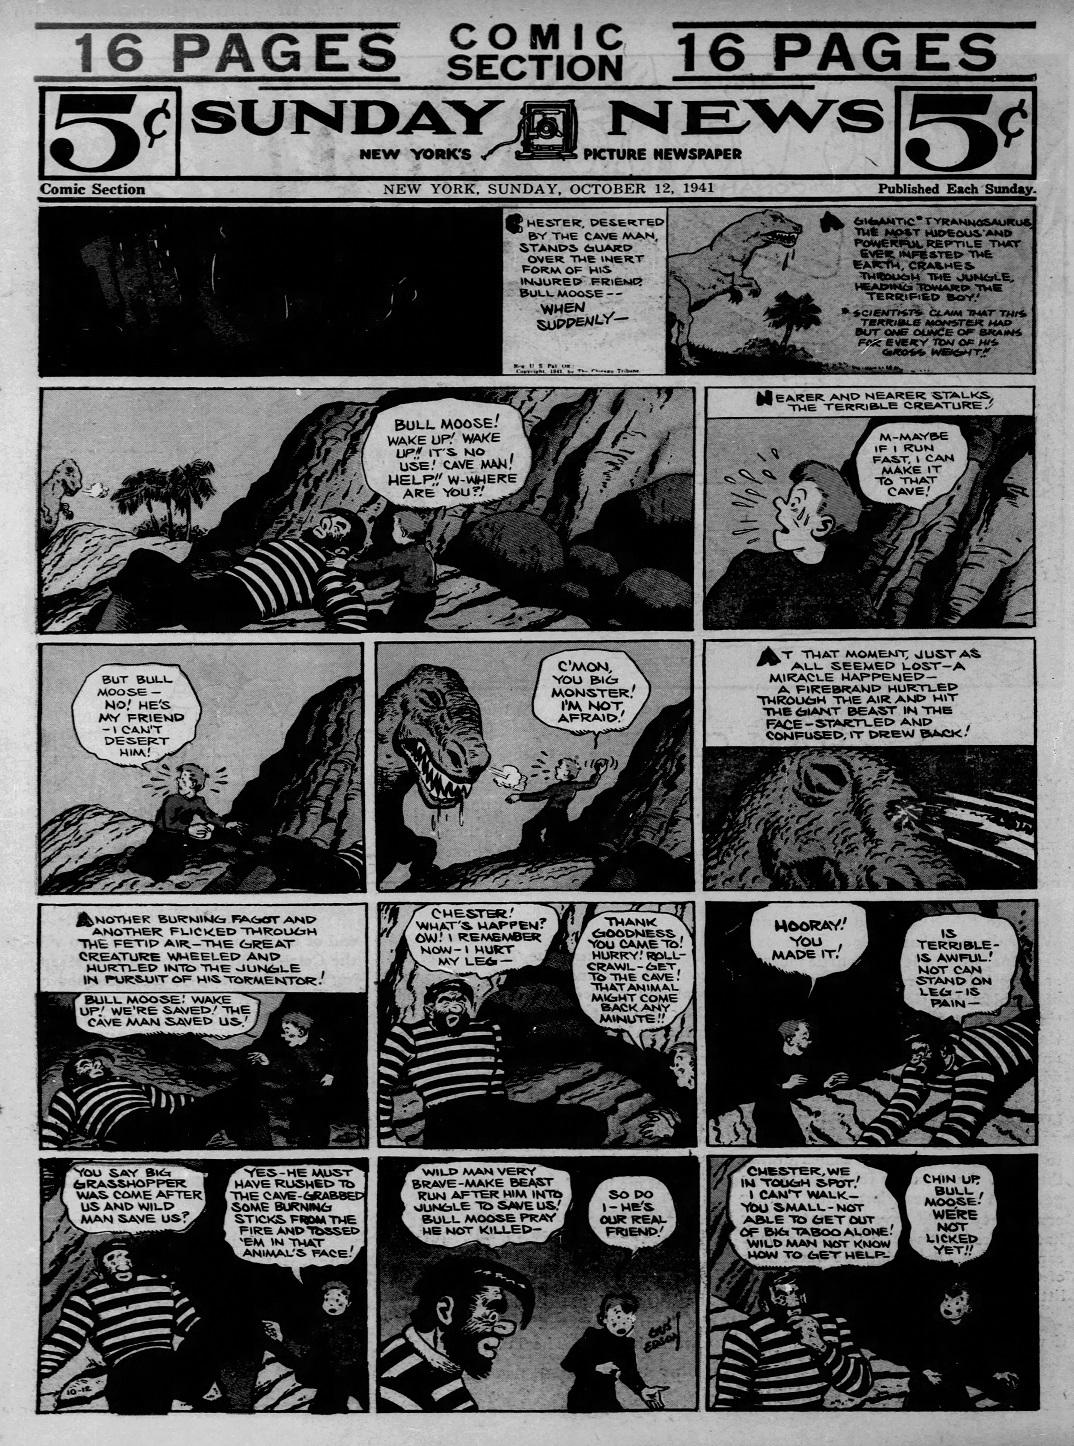 Daily_News_Sun__Oct_12__1941_(9).jpg